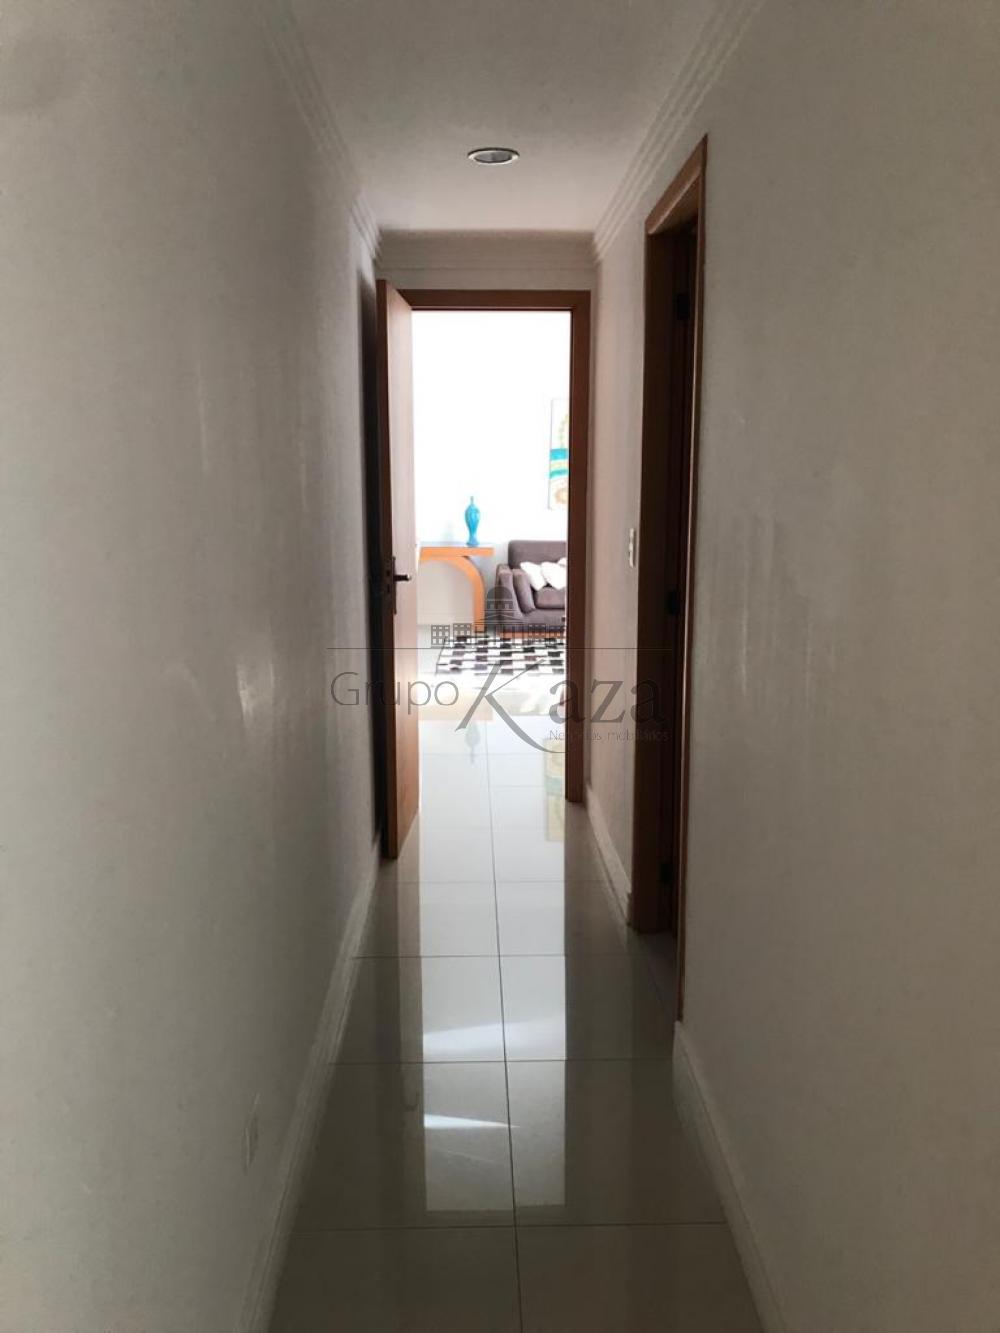 Comprar Apartamento / Padrão em São José dos Campos R$ 815.000,00 - Foto 12